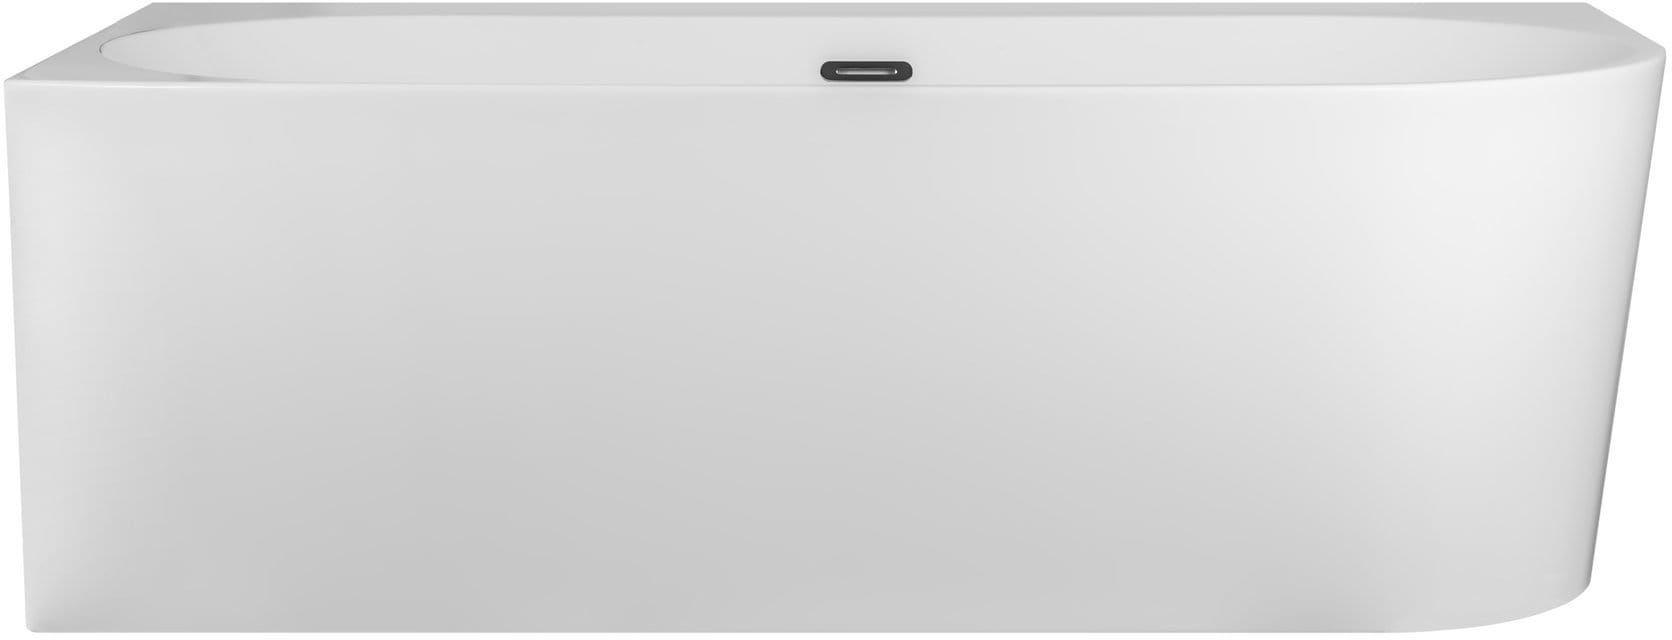 Corsan wanna narożna lewa przyścienna z półką akrylowa INTERO 160 x 74 cm E240L + syfon klik-klak/ biała